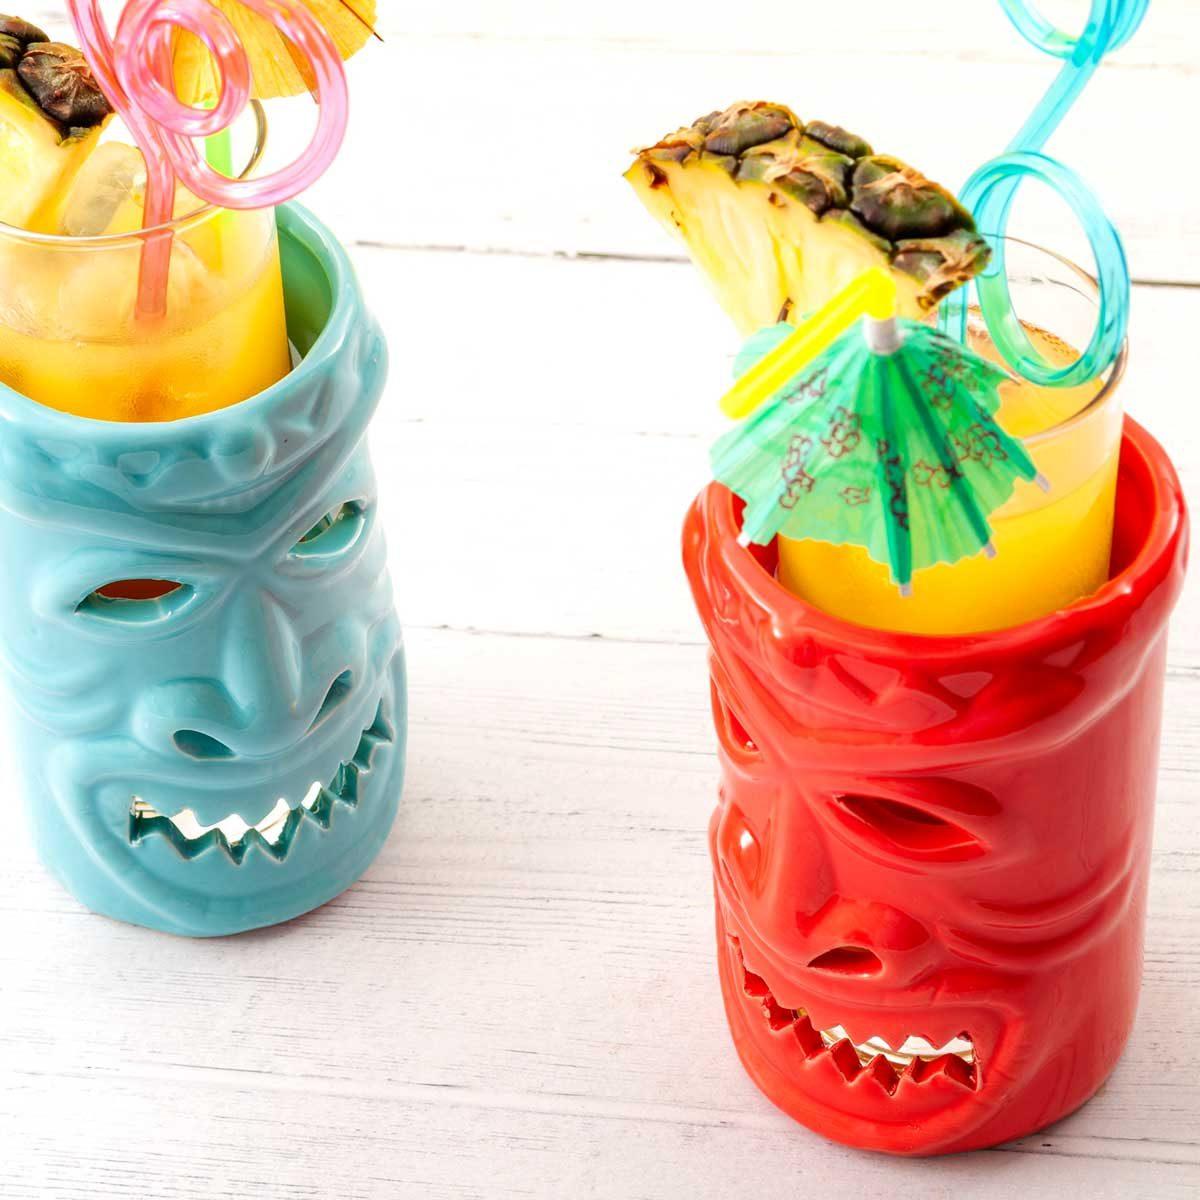 Tiki mugs